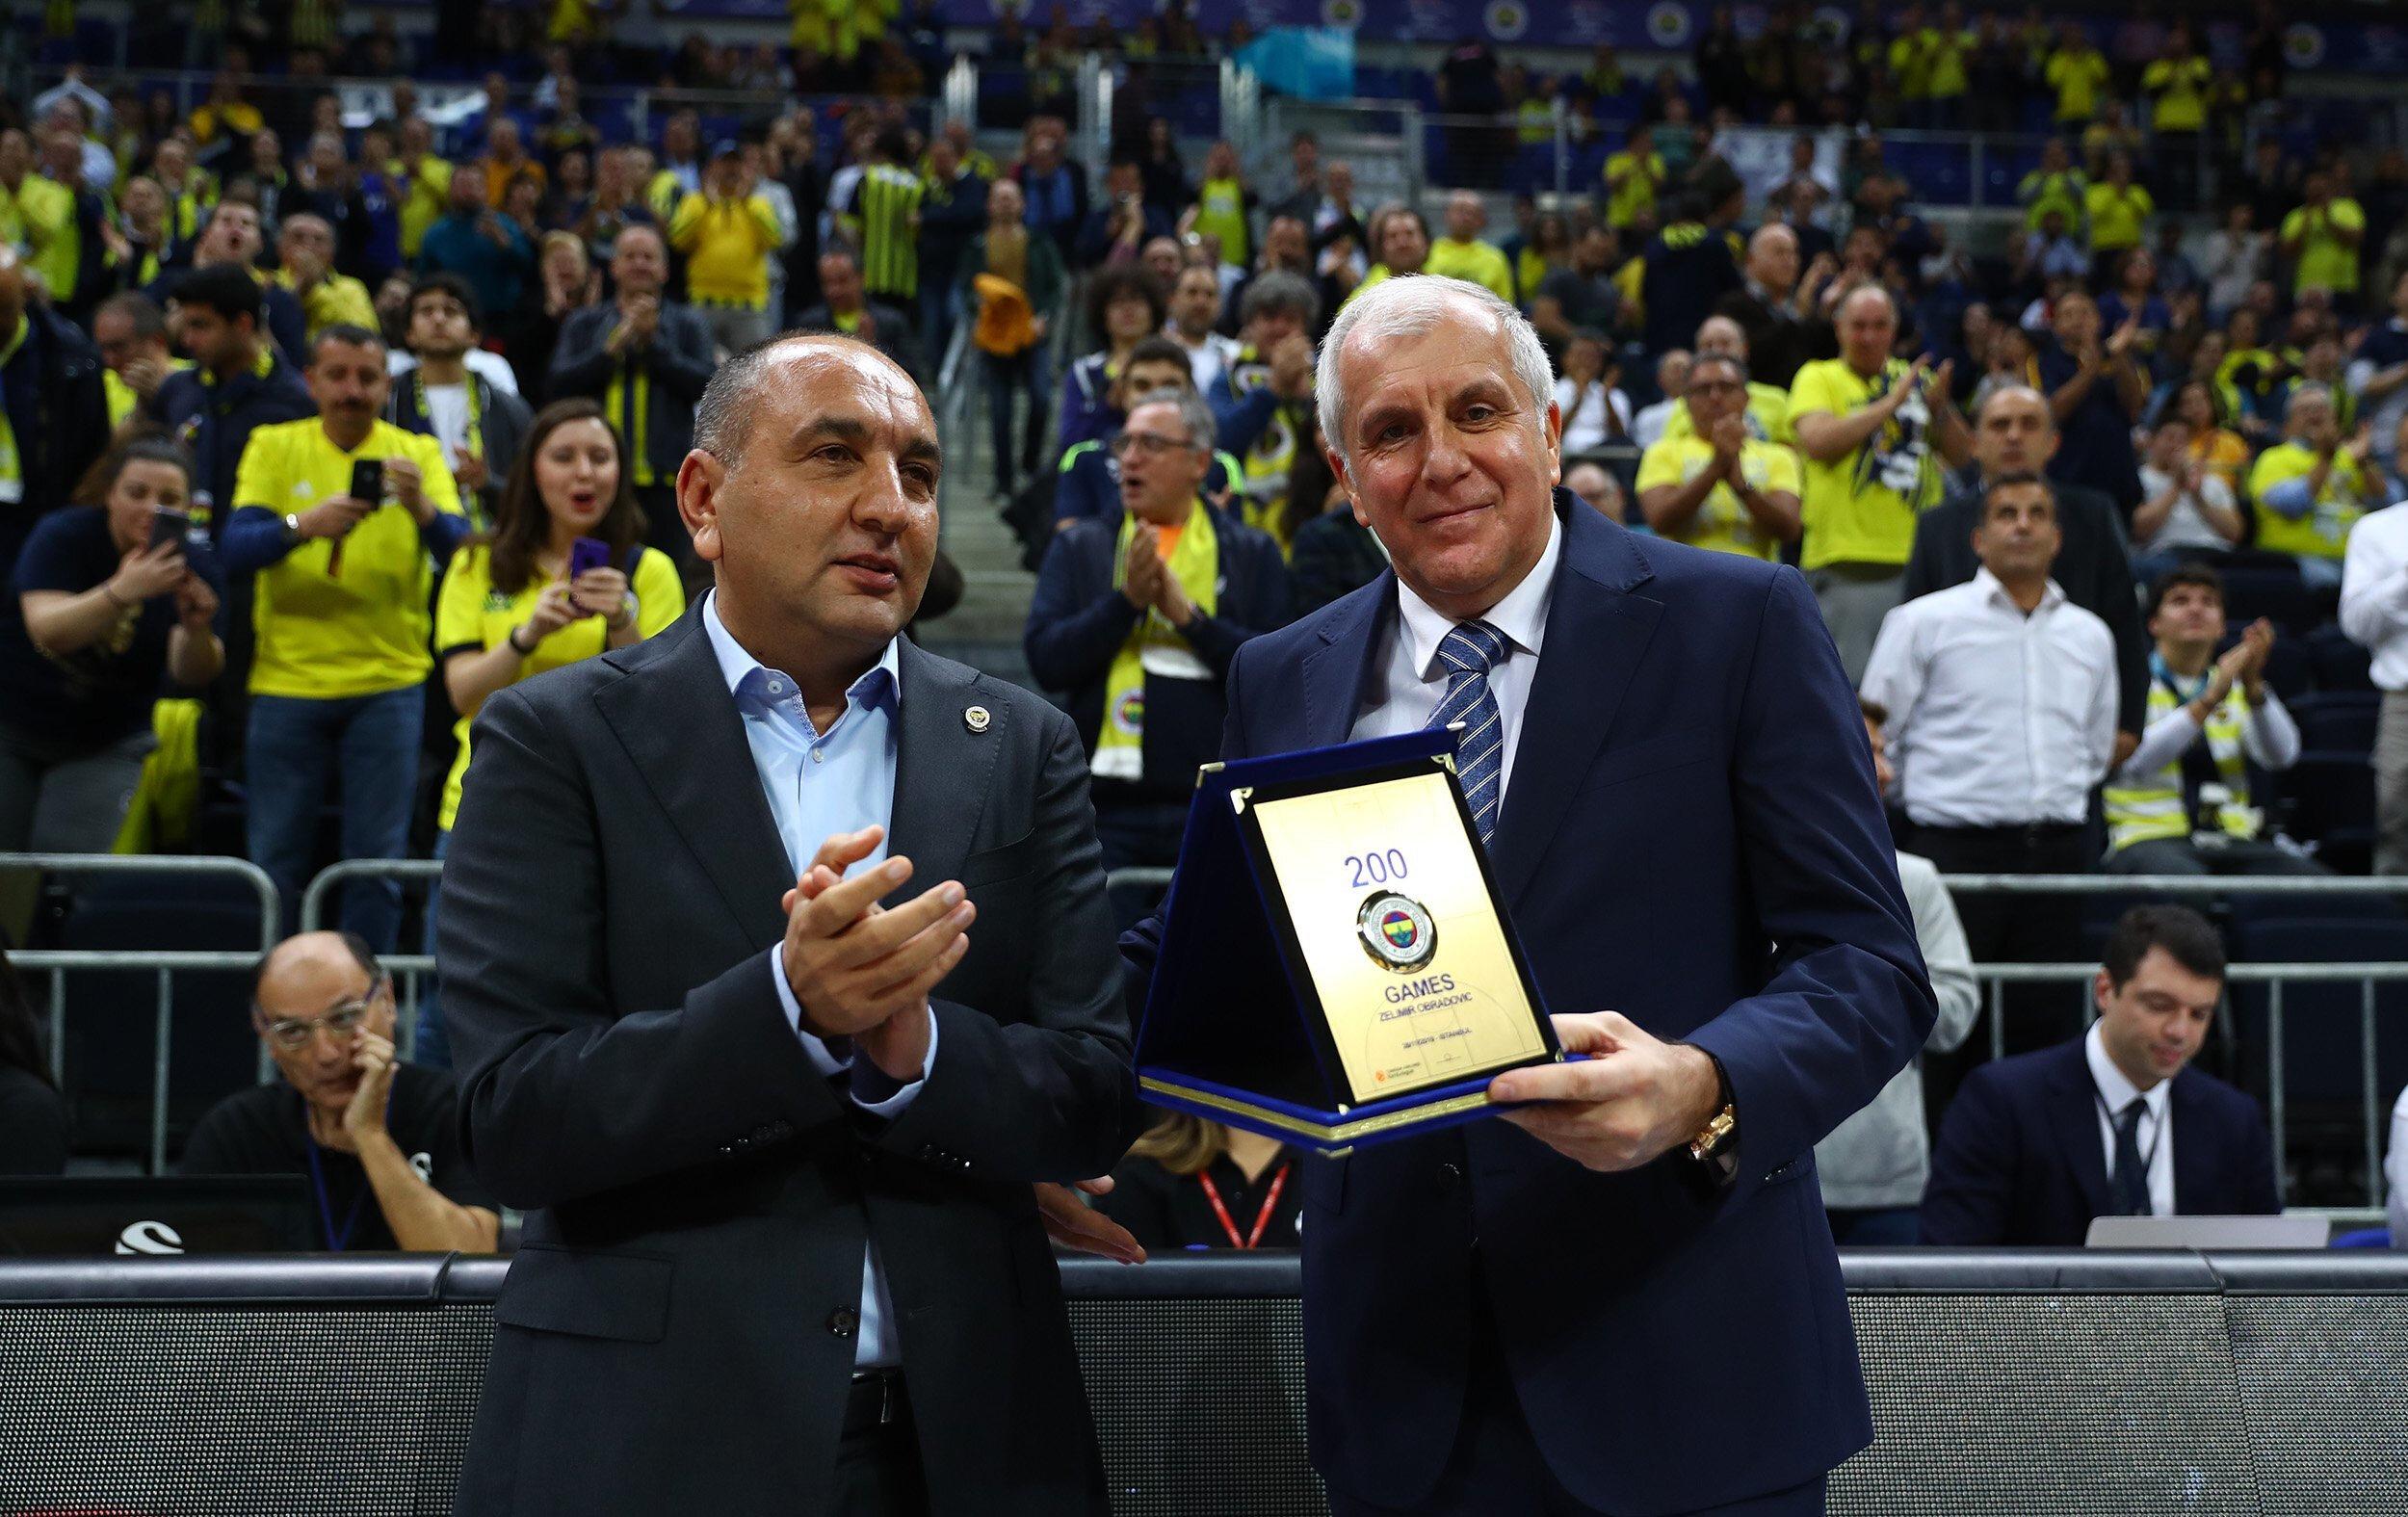 Sarı-lacivertlilerin başında 200'üncü EuroLeague maçına çıkan Zeljko Obradovic, bu özel akşamın anısına hazırlanan plaketi Başkan Vekili ve Basketbol Şube Sorumlusu Semih Özsoy'un elinden aldı.